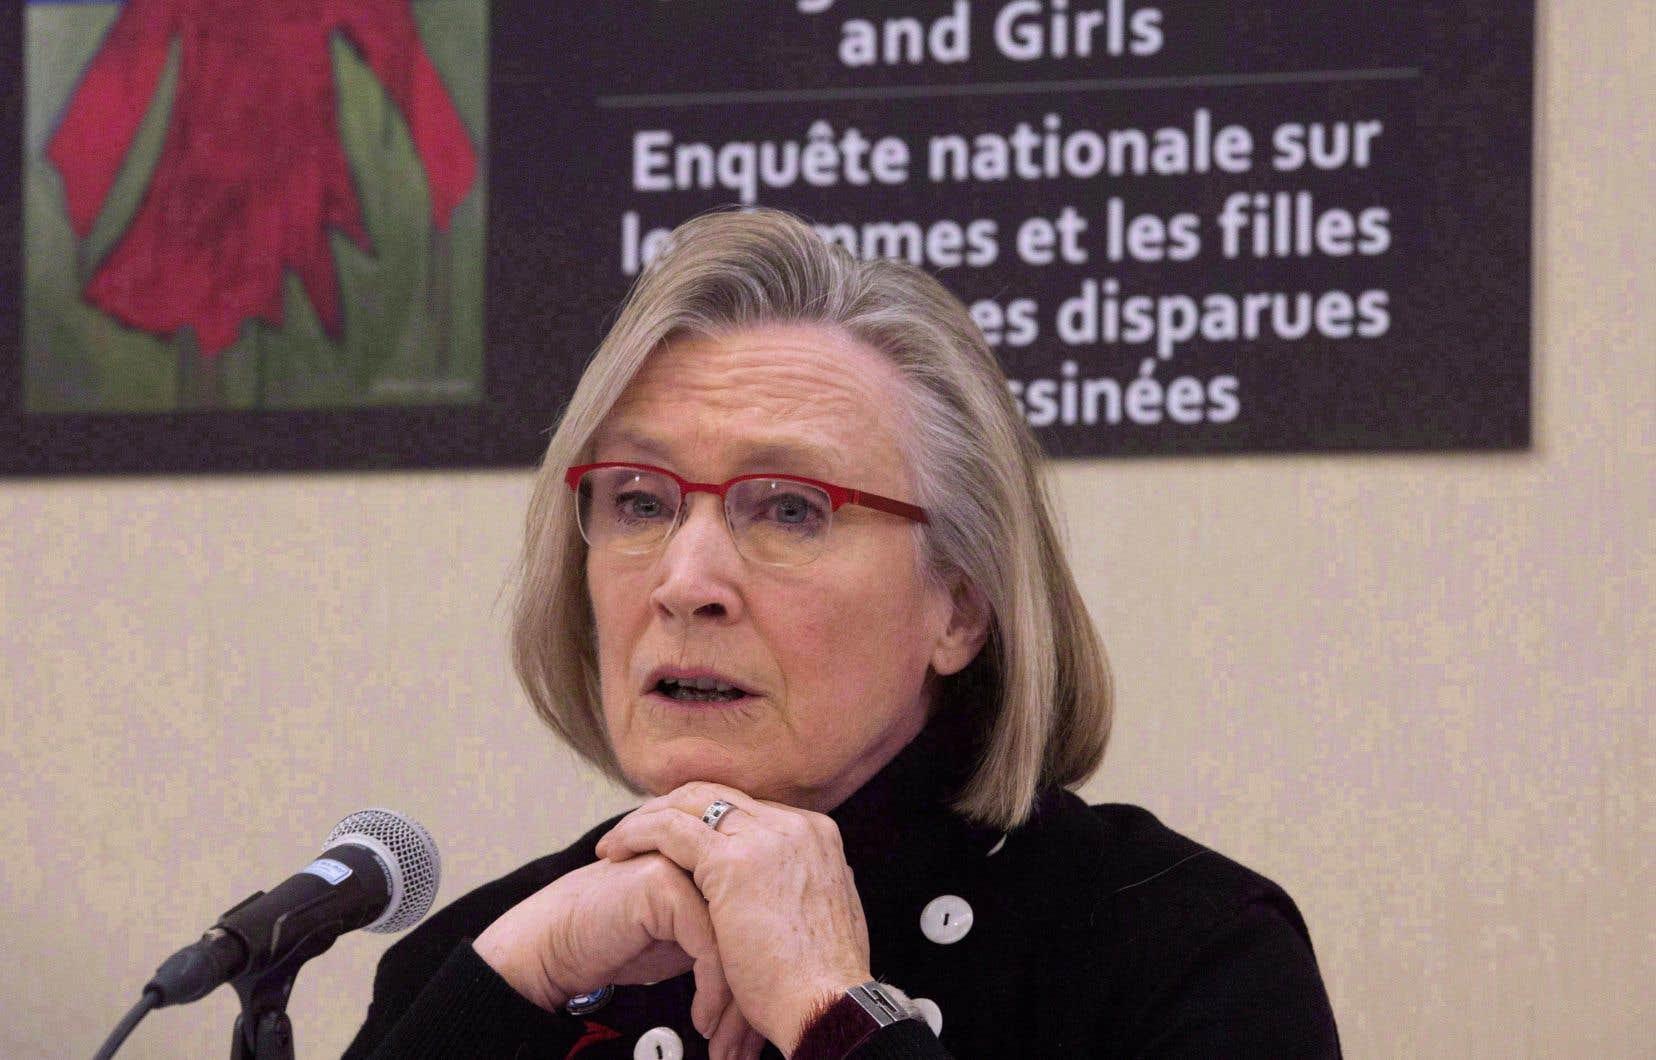 La ministre des Relations Couronne-Autochtones, Carolyn Bennett, se prononcera bientôt sur la demande de prolongation de l'enquête nationale sur les femmes autochtones.